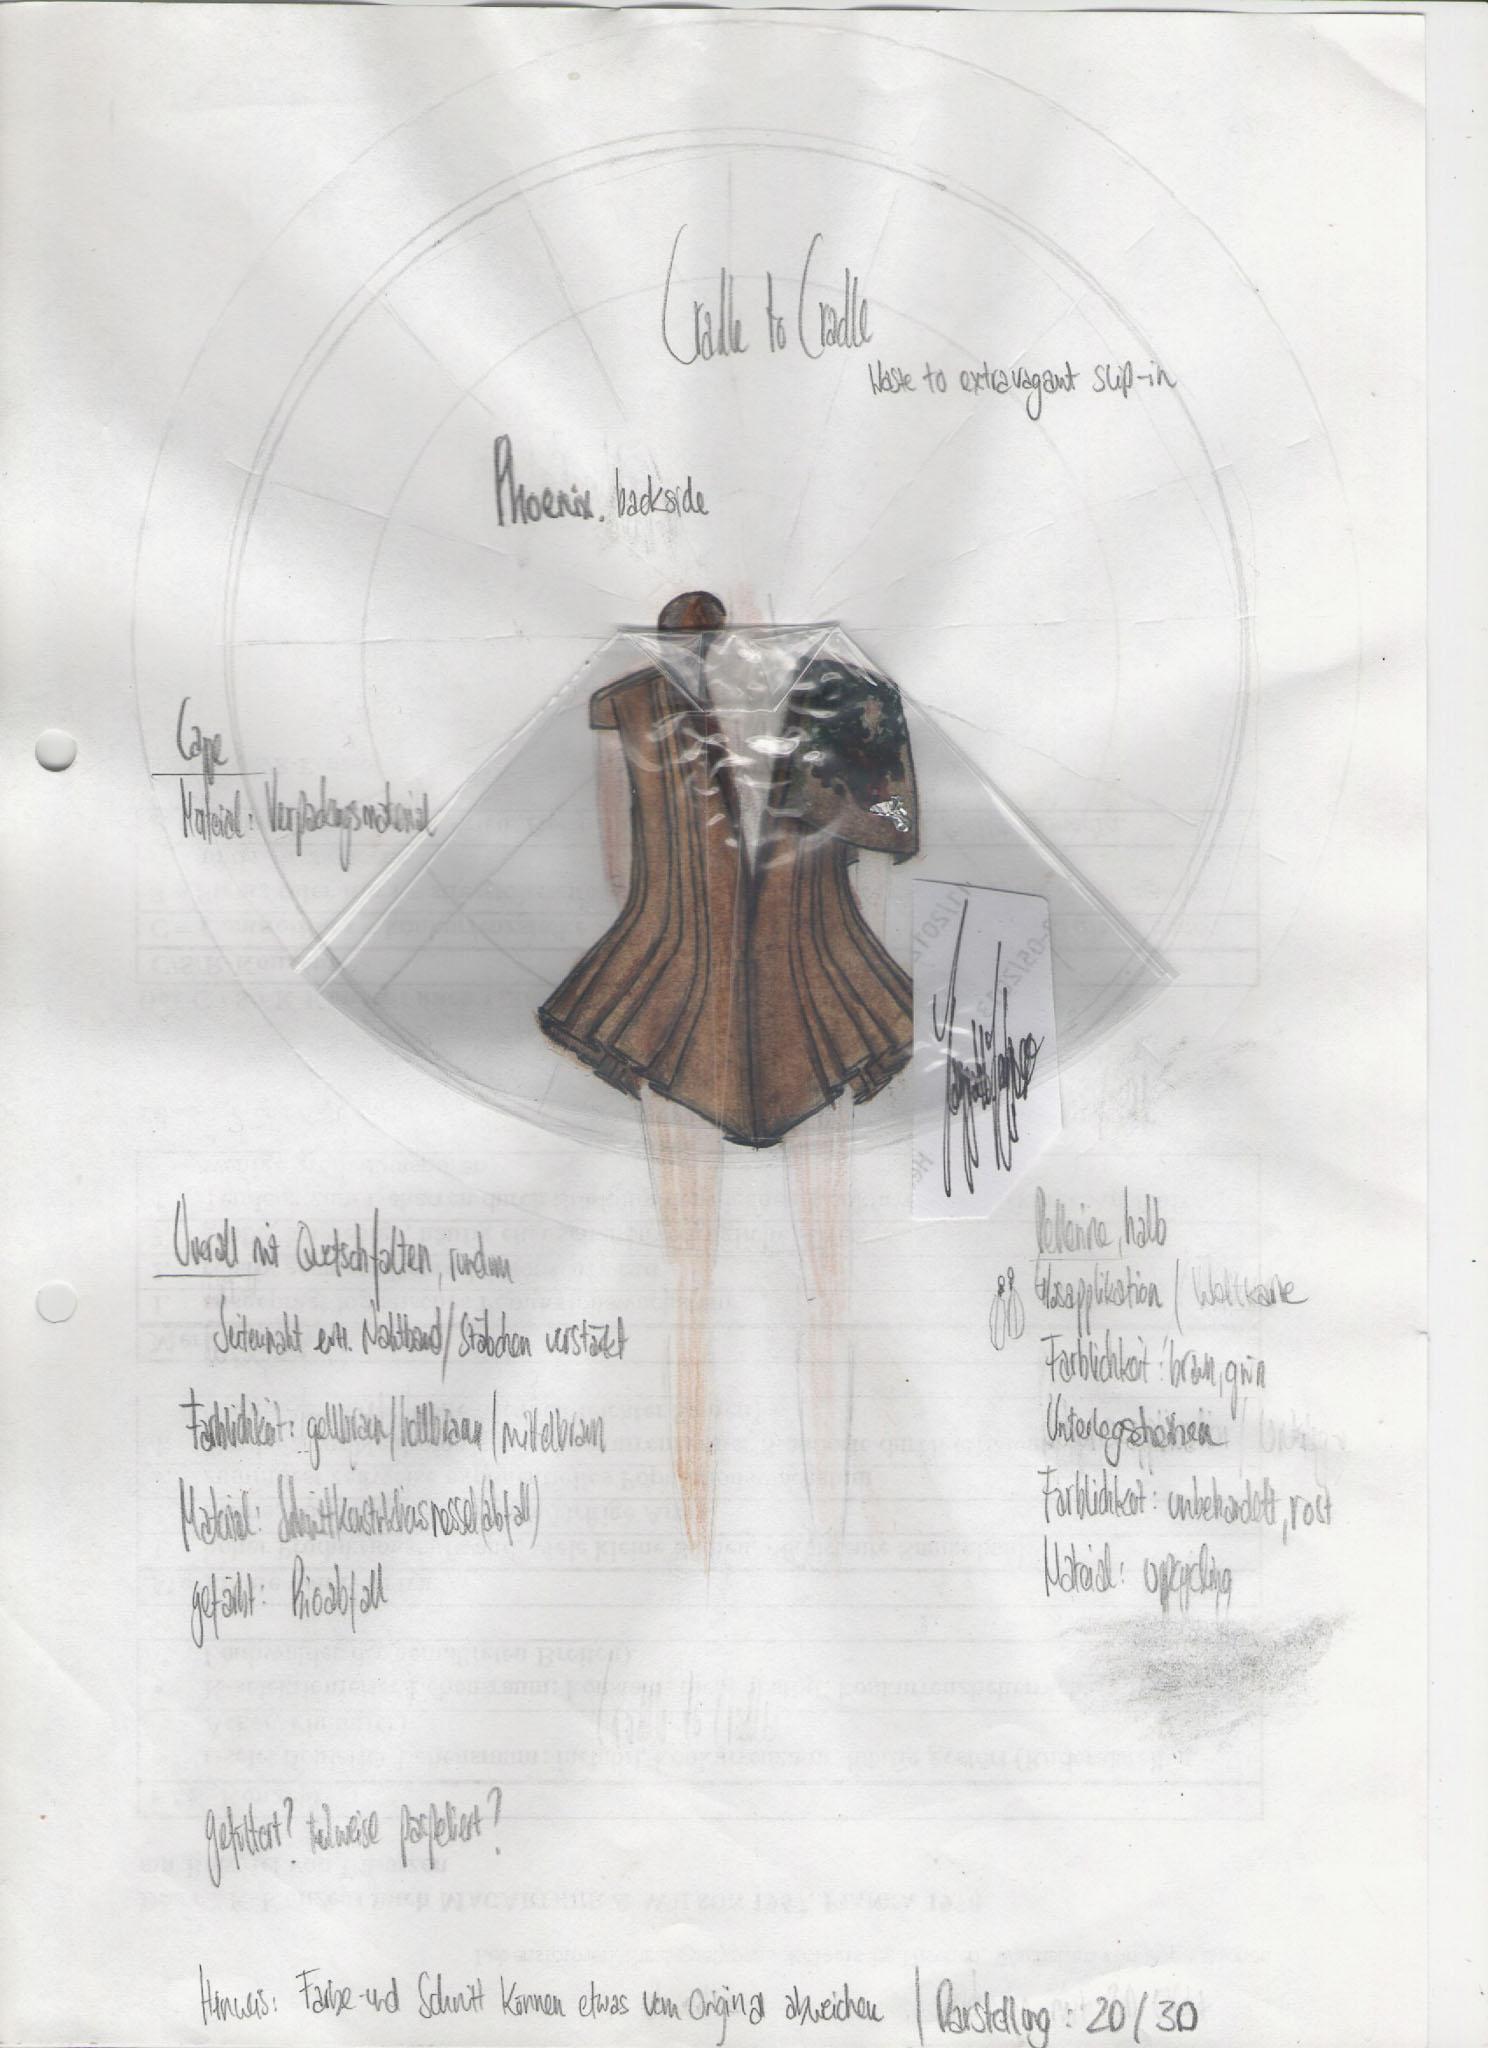 Phoenix: Hannah Alma Sundhauser, Deutschland, Student, Modeinstitut Gabriel (Cradle to Cradle)